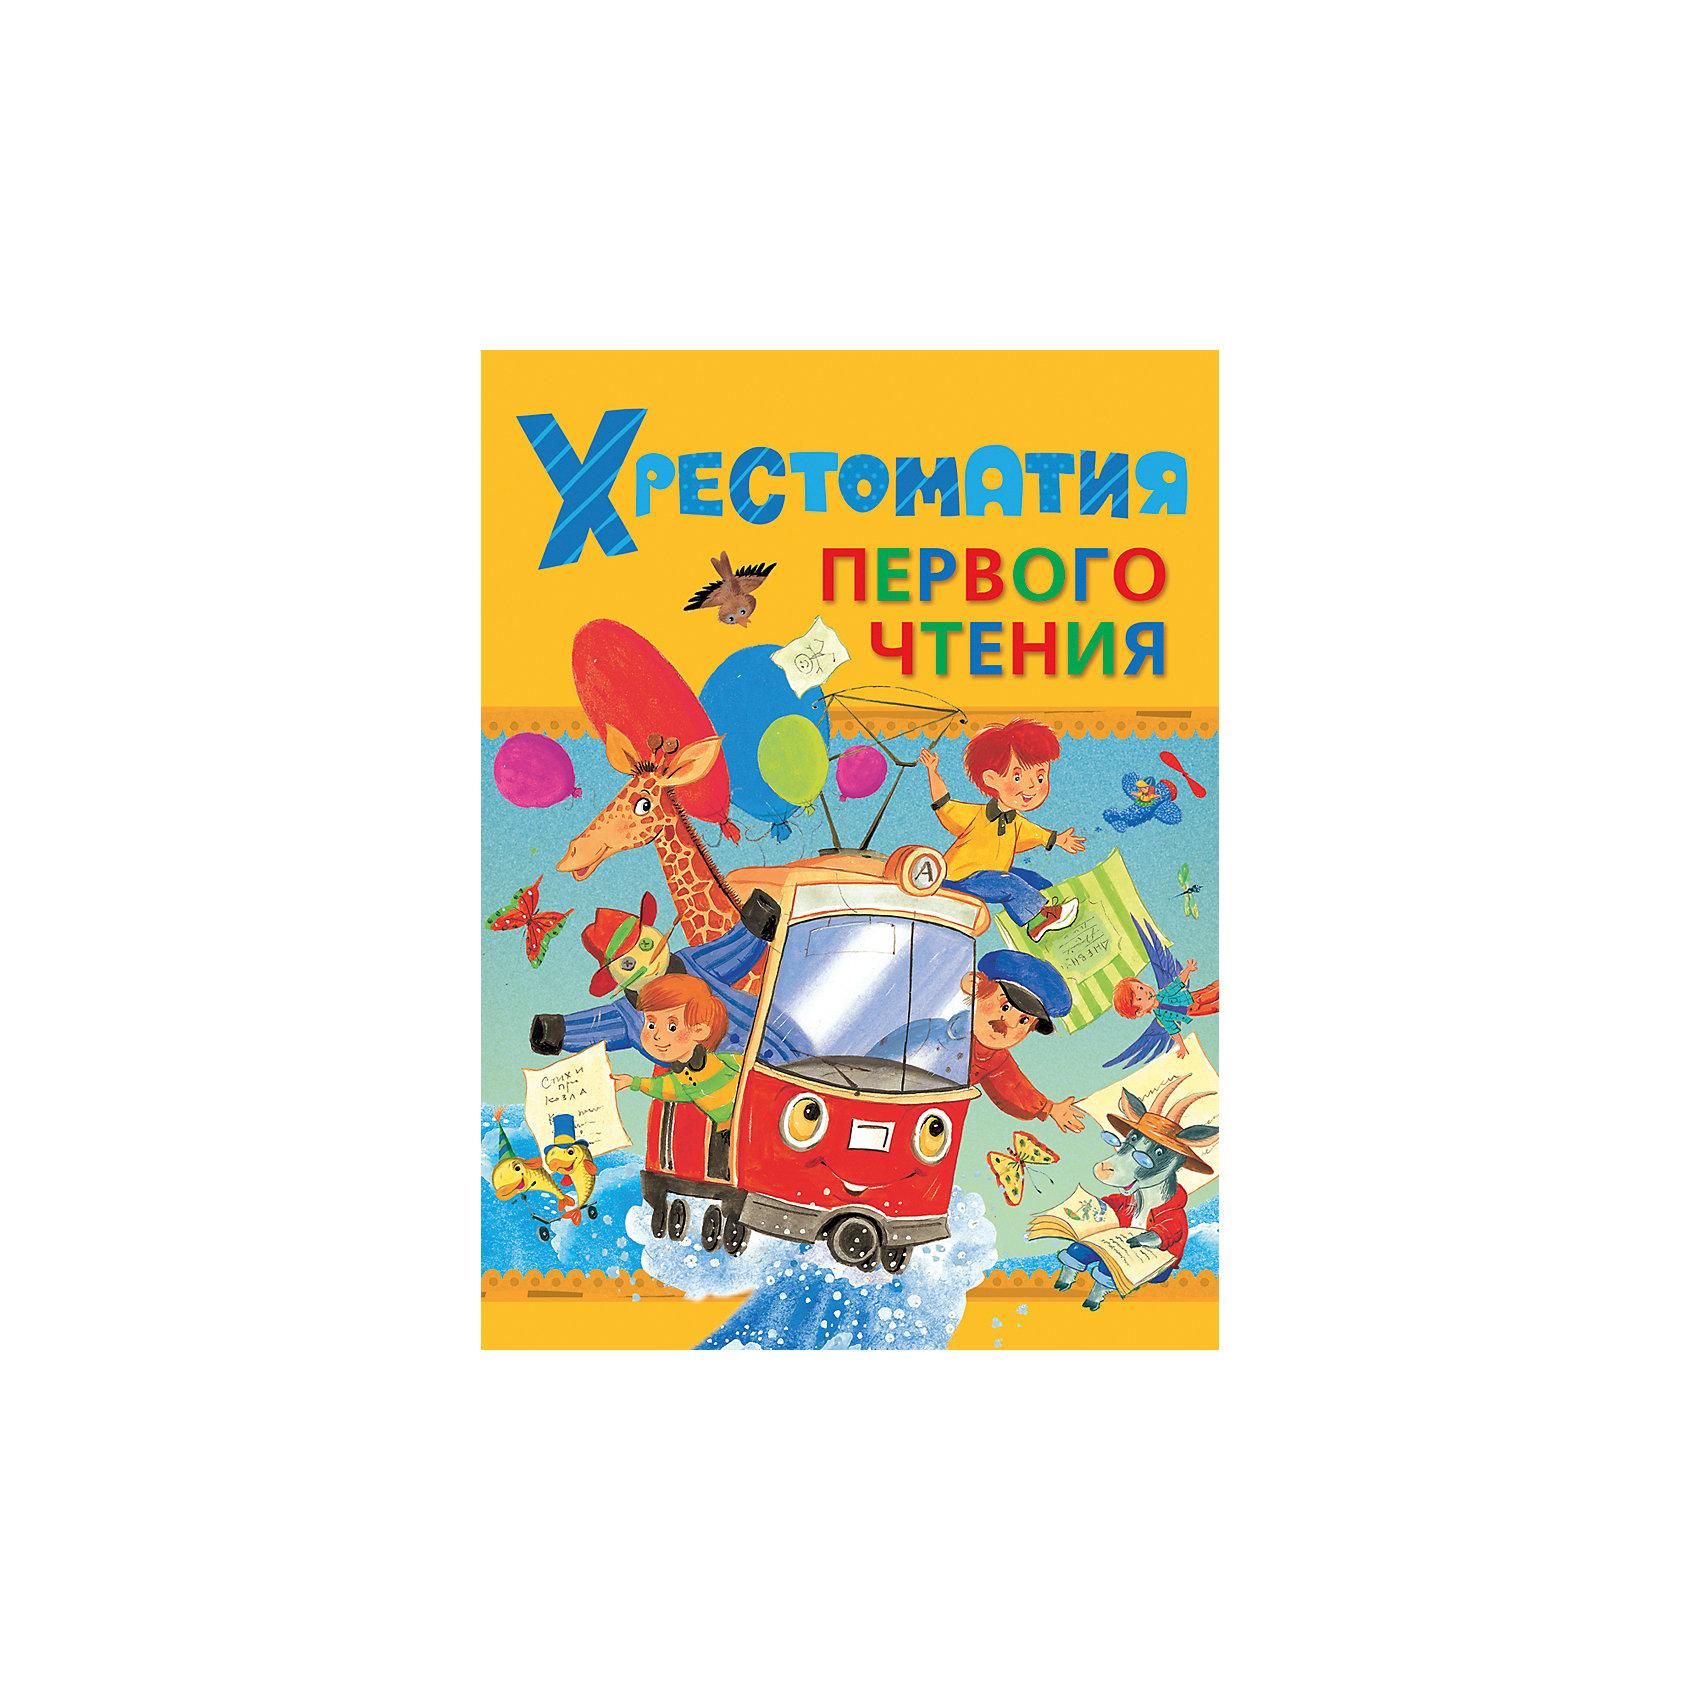 Росмэн Хрестоматия первого чтения осеева в белкины проделки рассказы и сказки